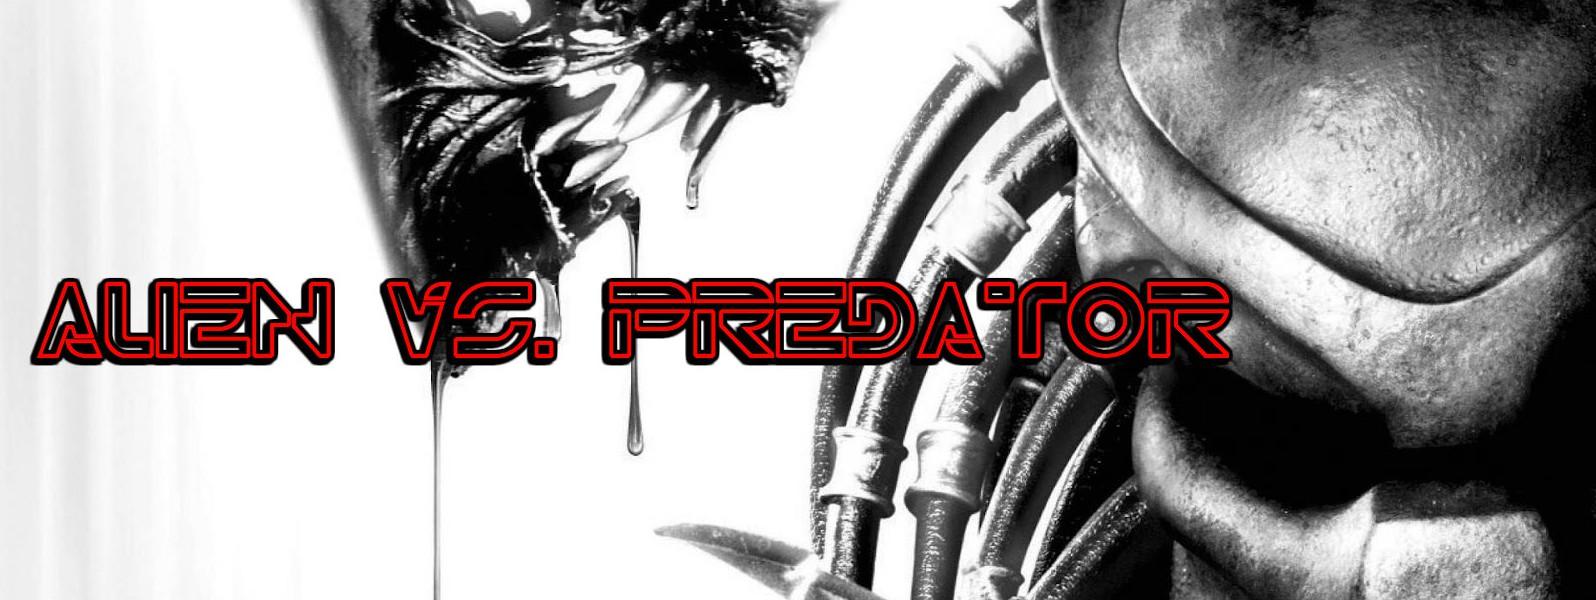 2004alien_vs_predator